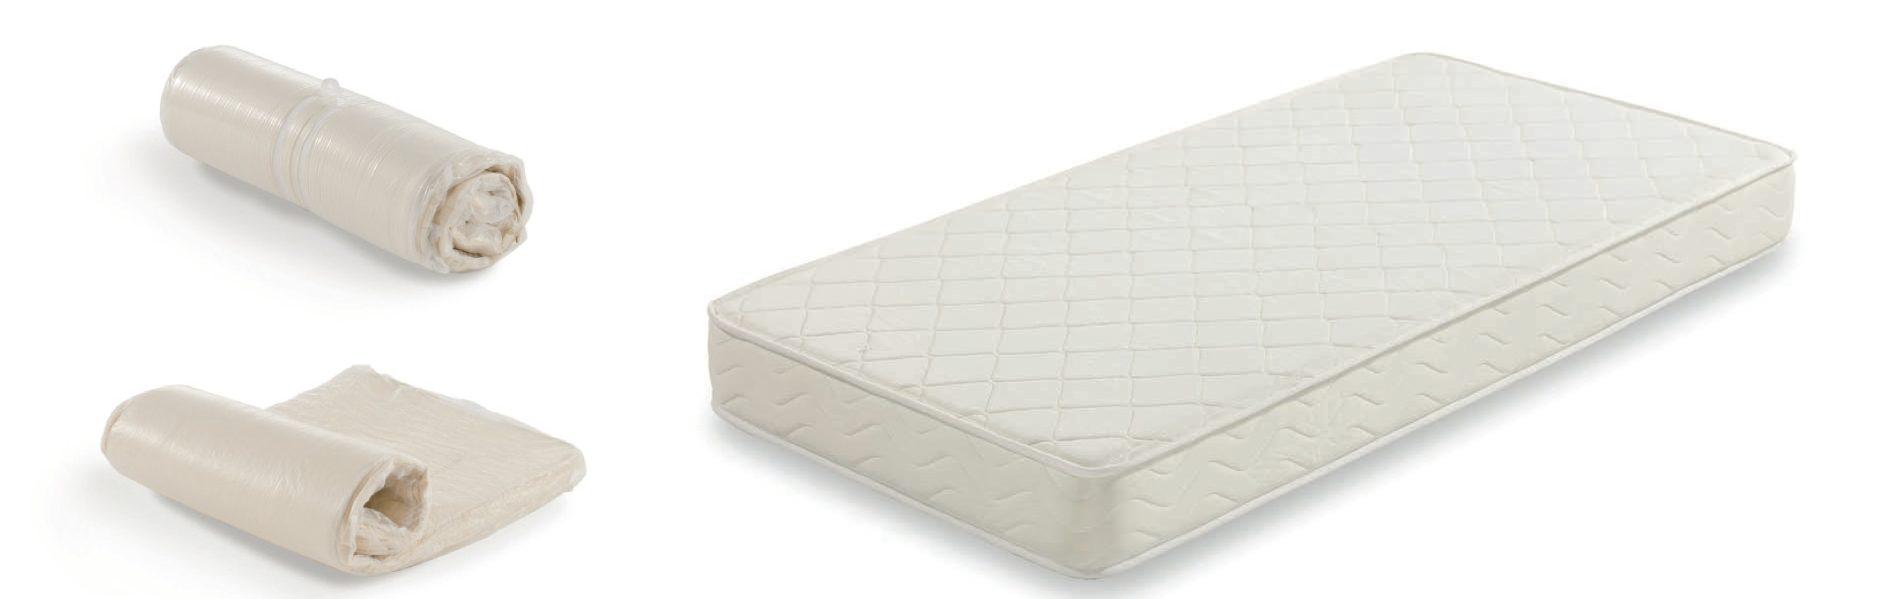 Las ventajas de comprar un colchón enrollado